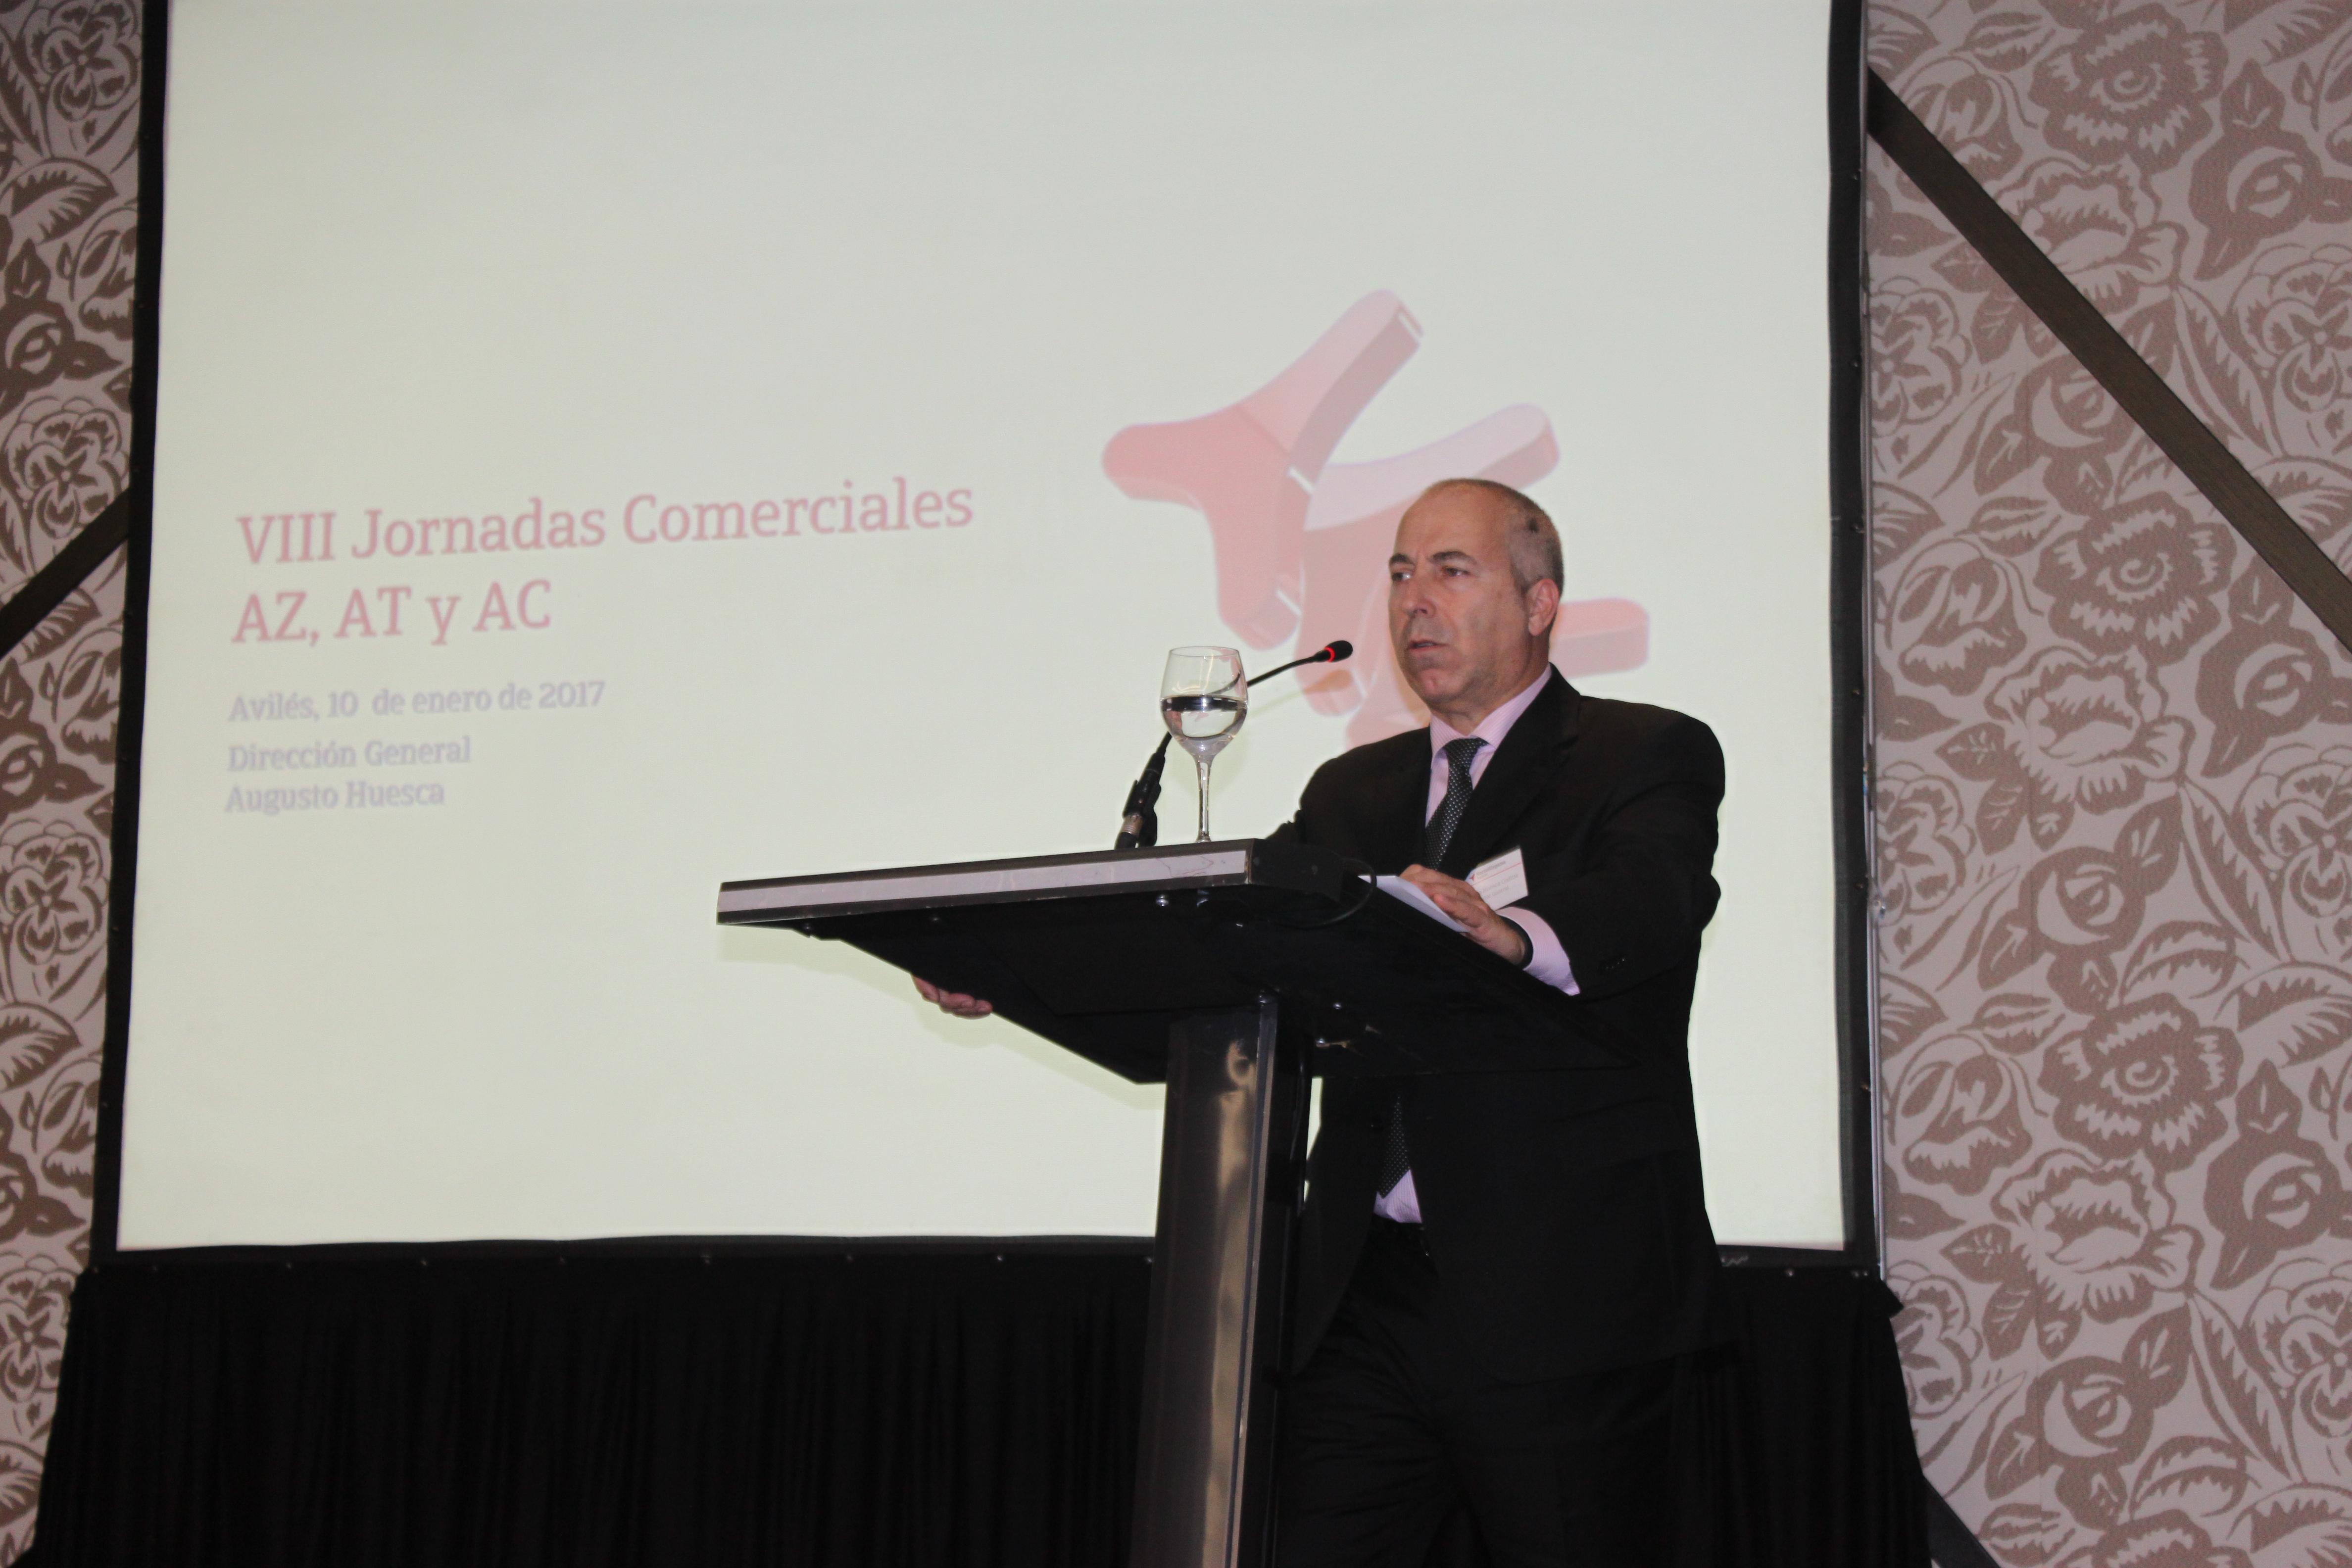 Augusto Huesca, Director General de NorteHispana Seguros, durante su intervención en las Jornadas comerciales 2017 de la compañía aseguradora.